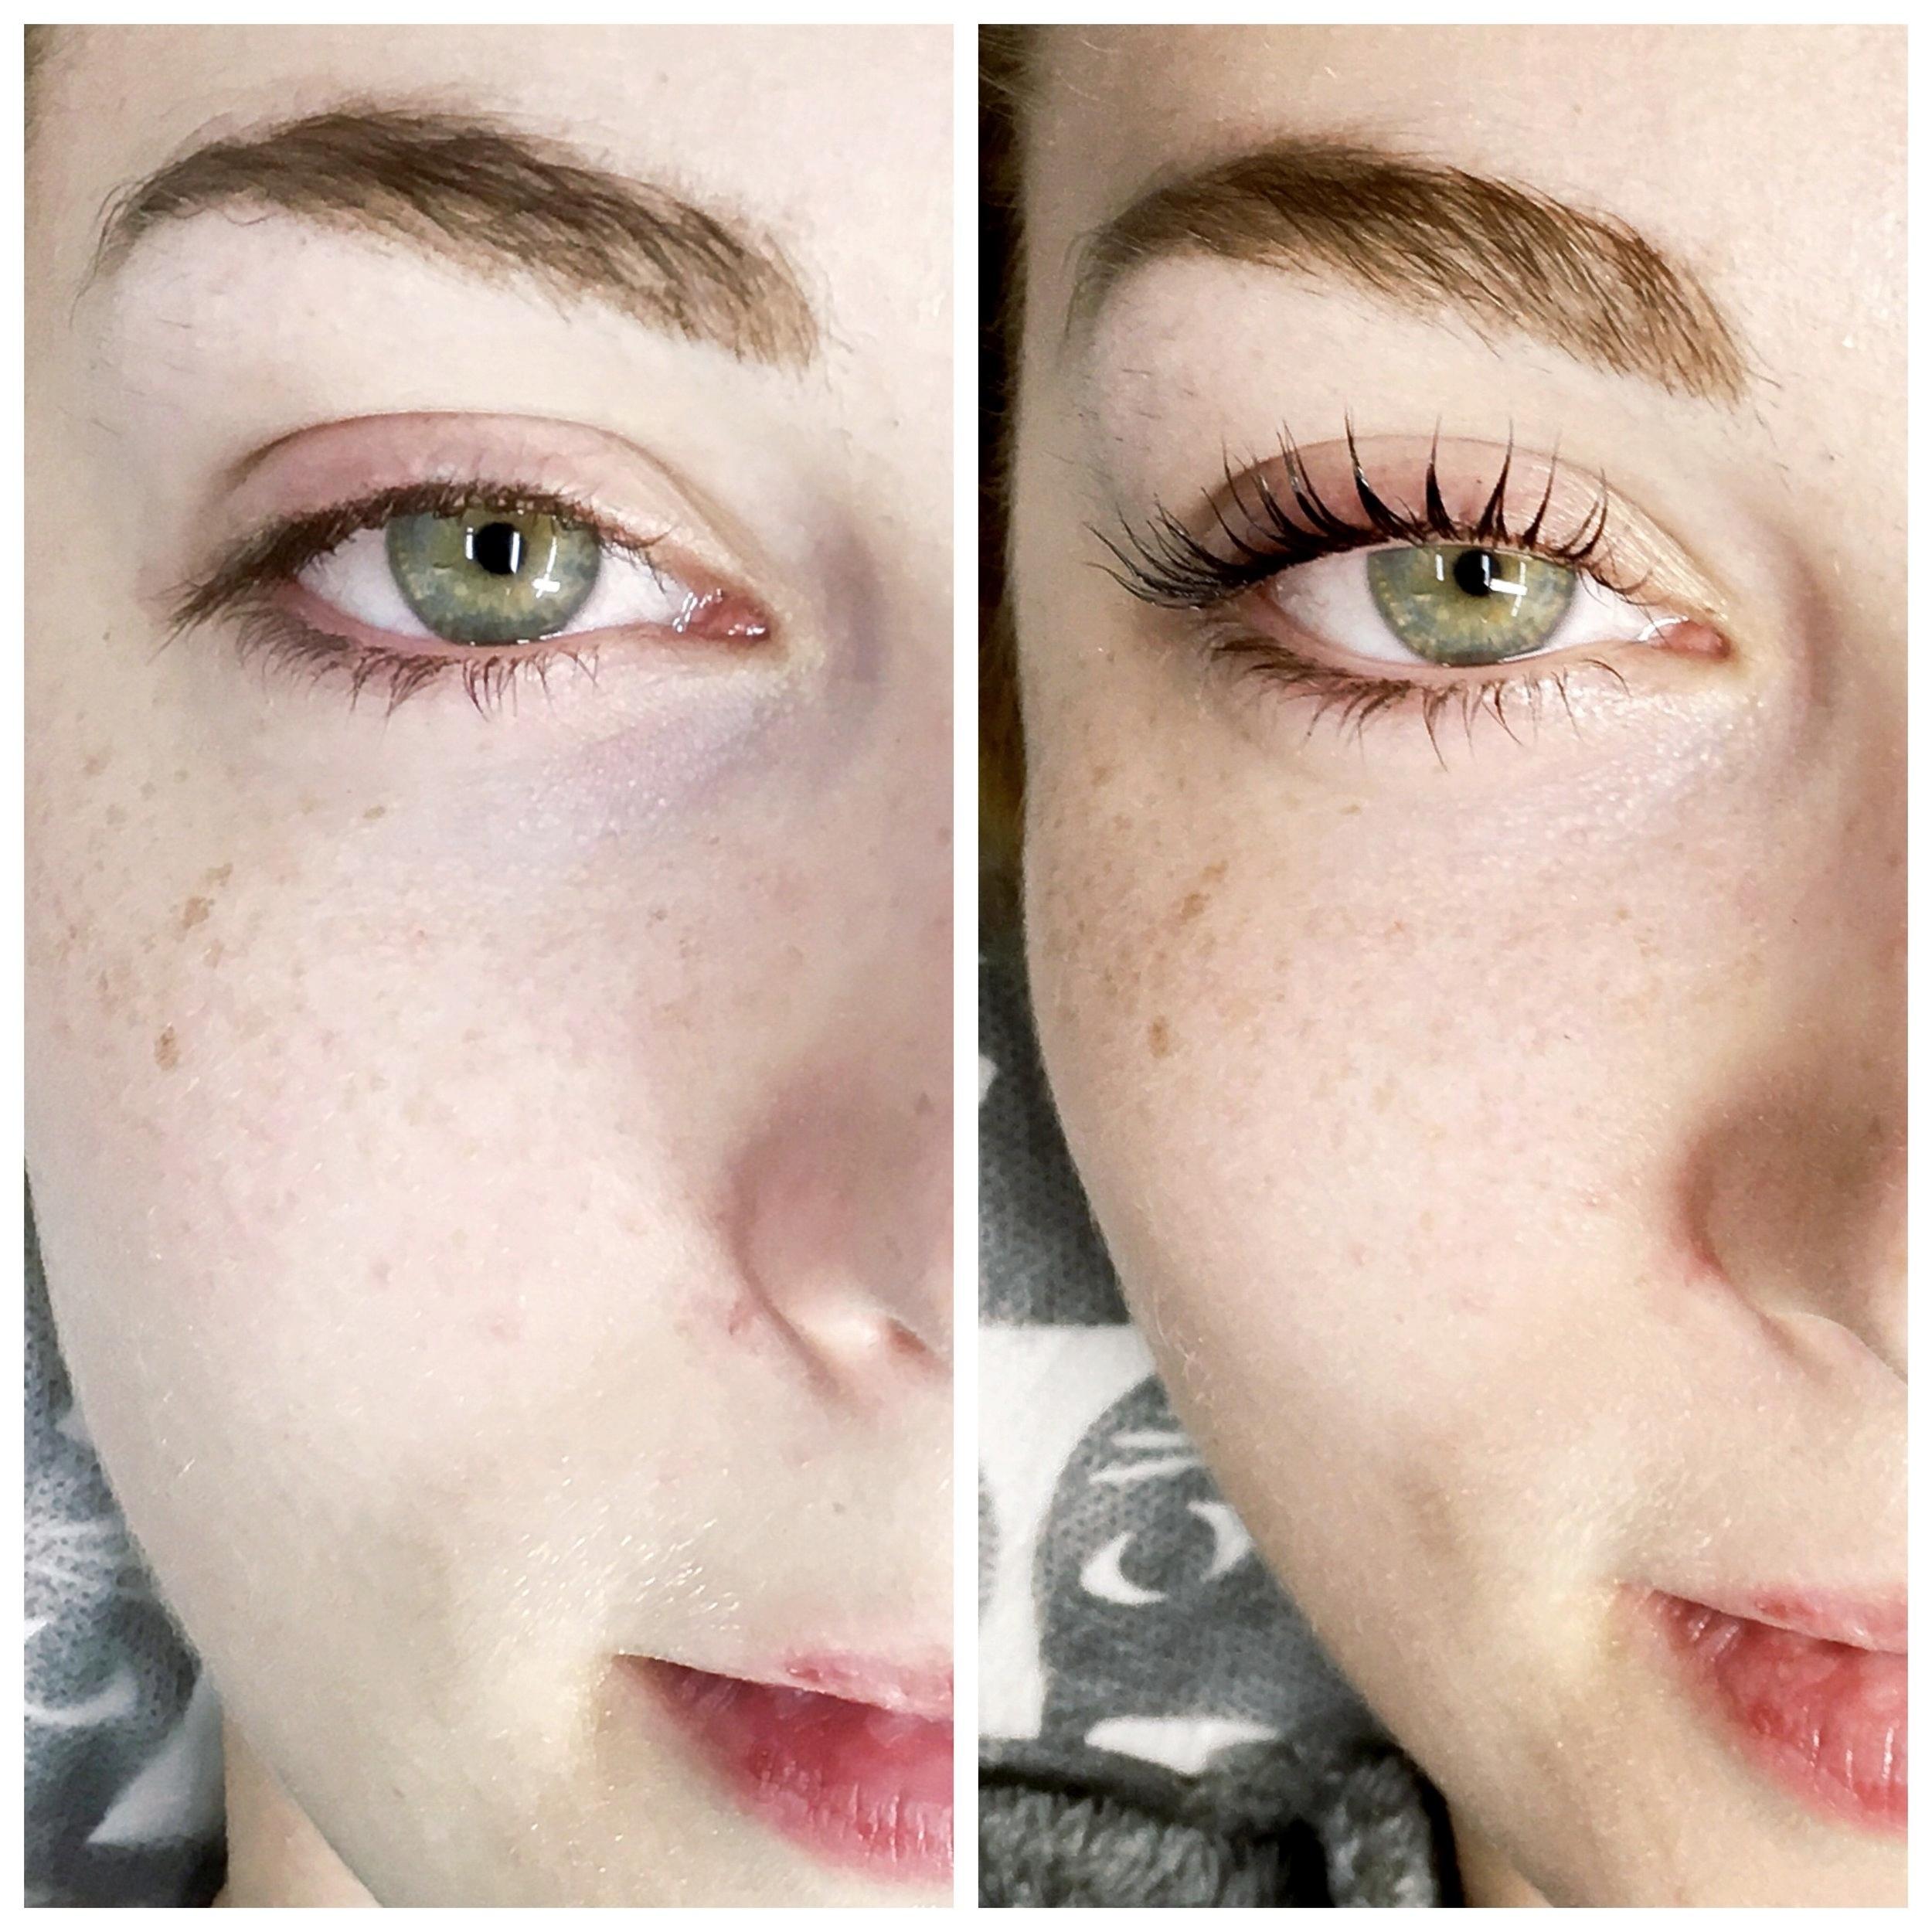 Behandlinger - Find den lash- og browbehandling, der passer til dig